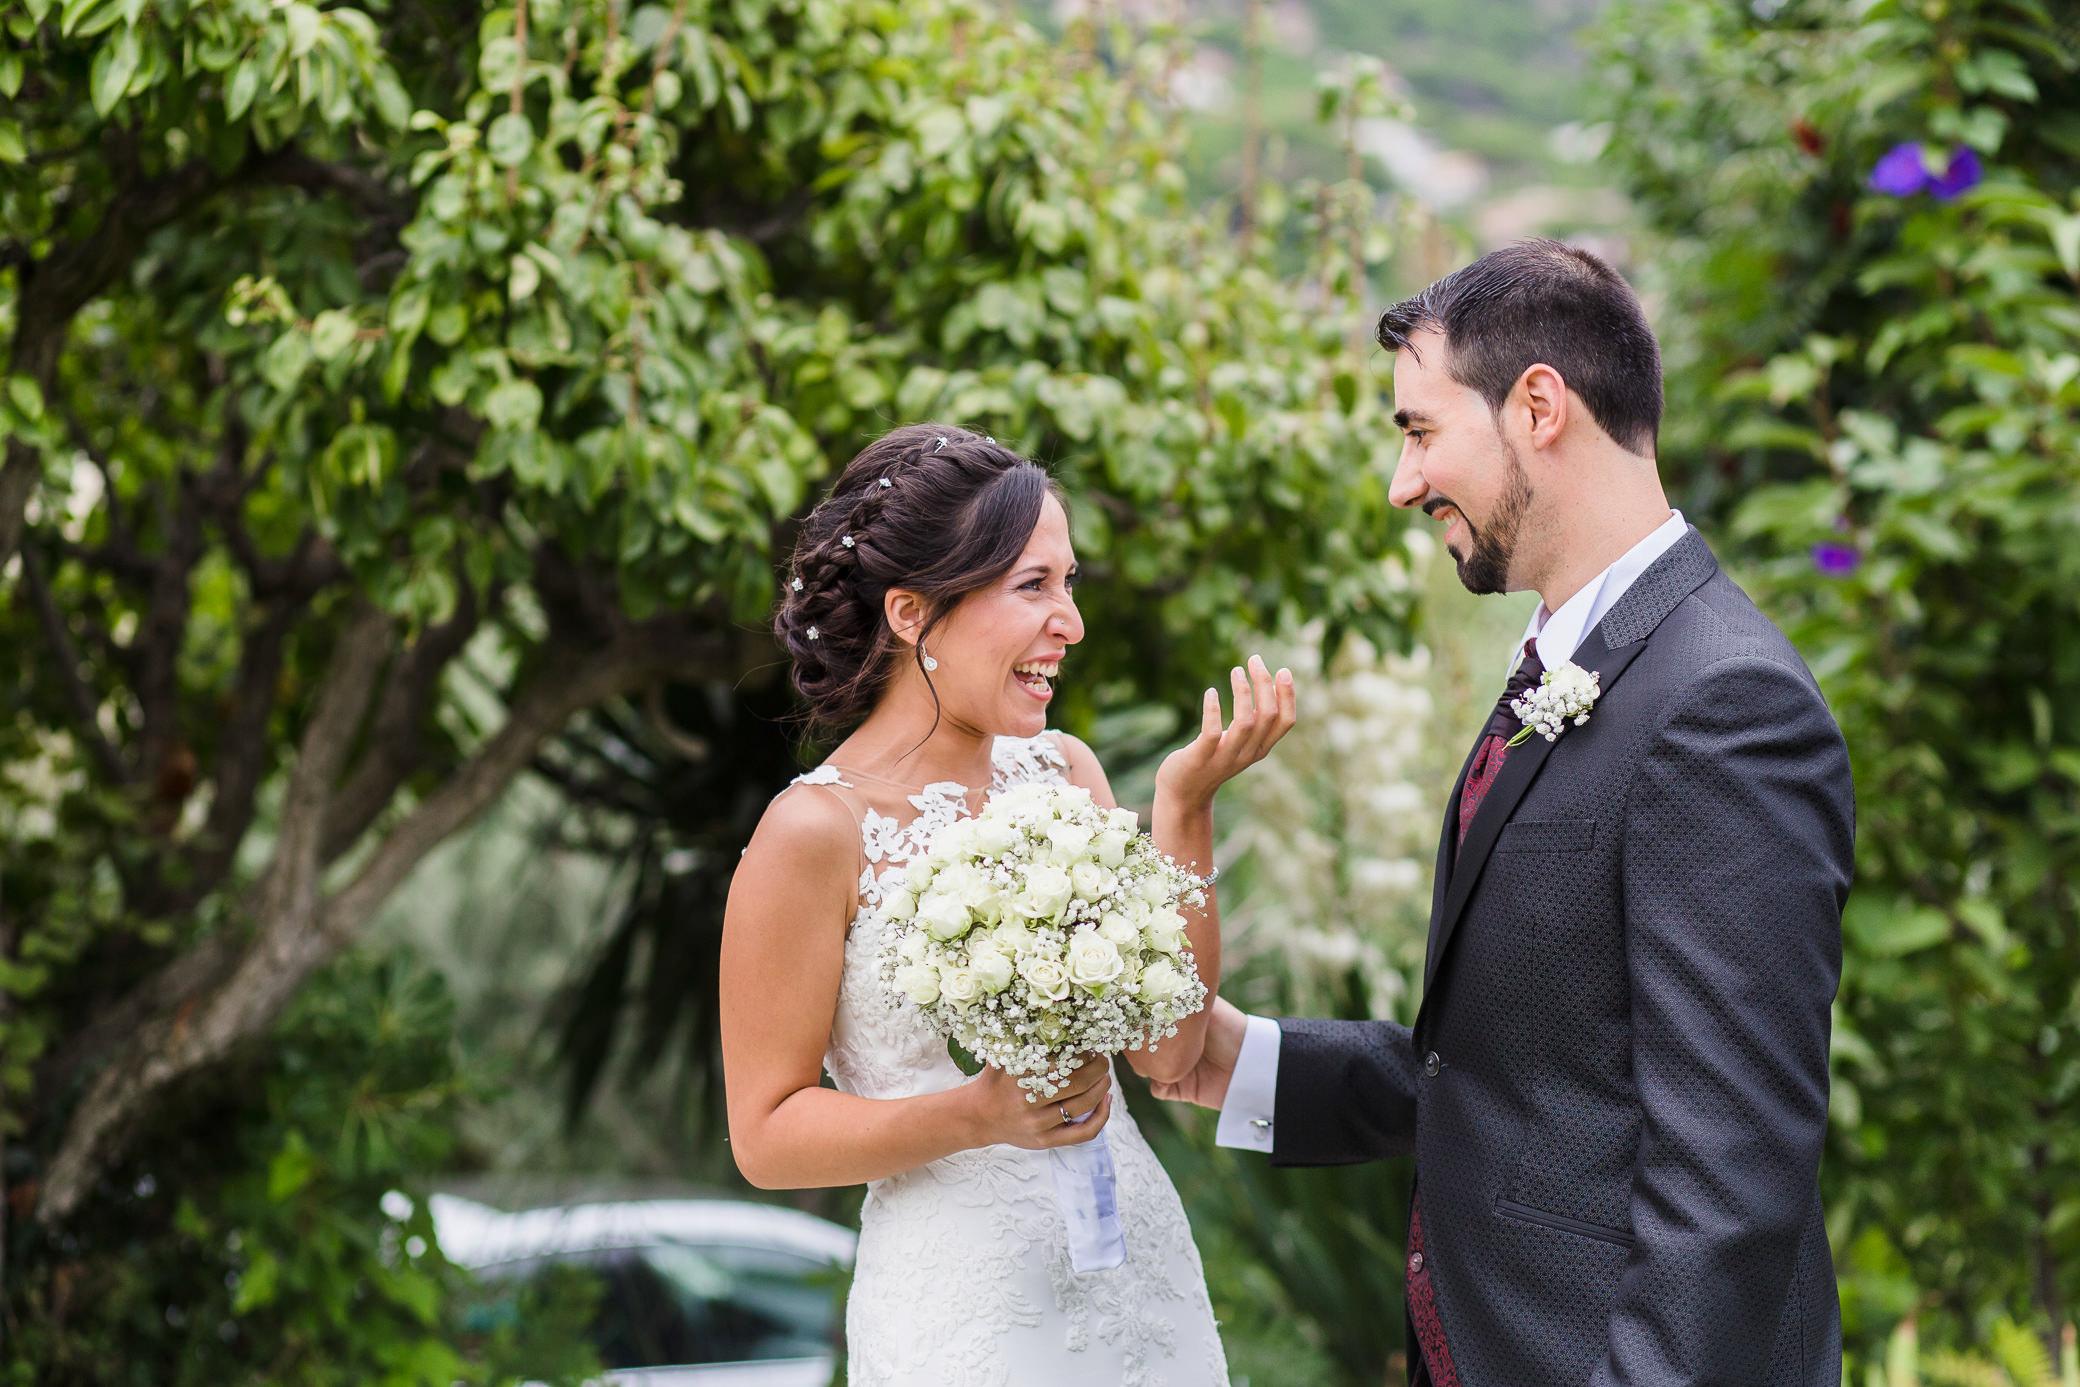 boda-aire-libre-can-tosca-photografeel-28.jpg